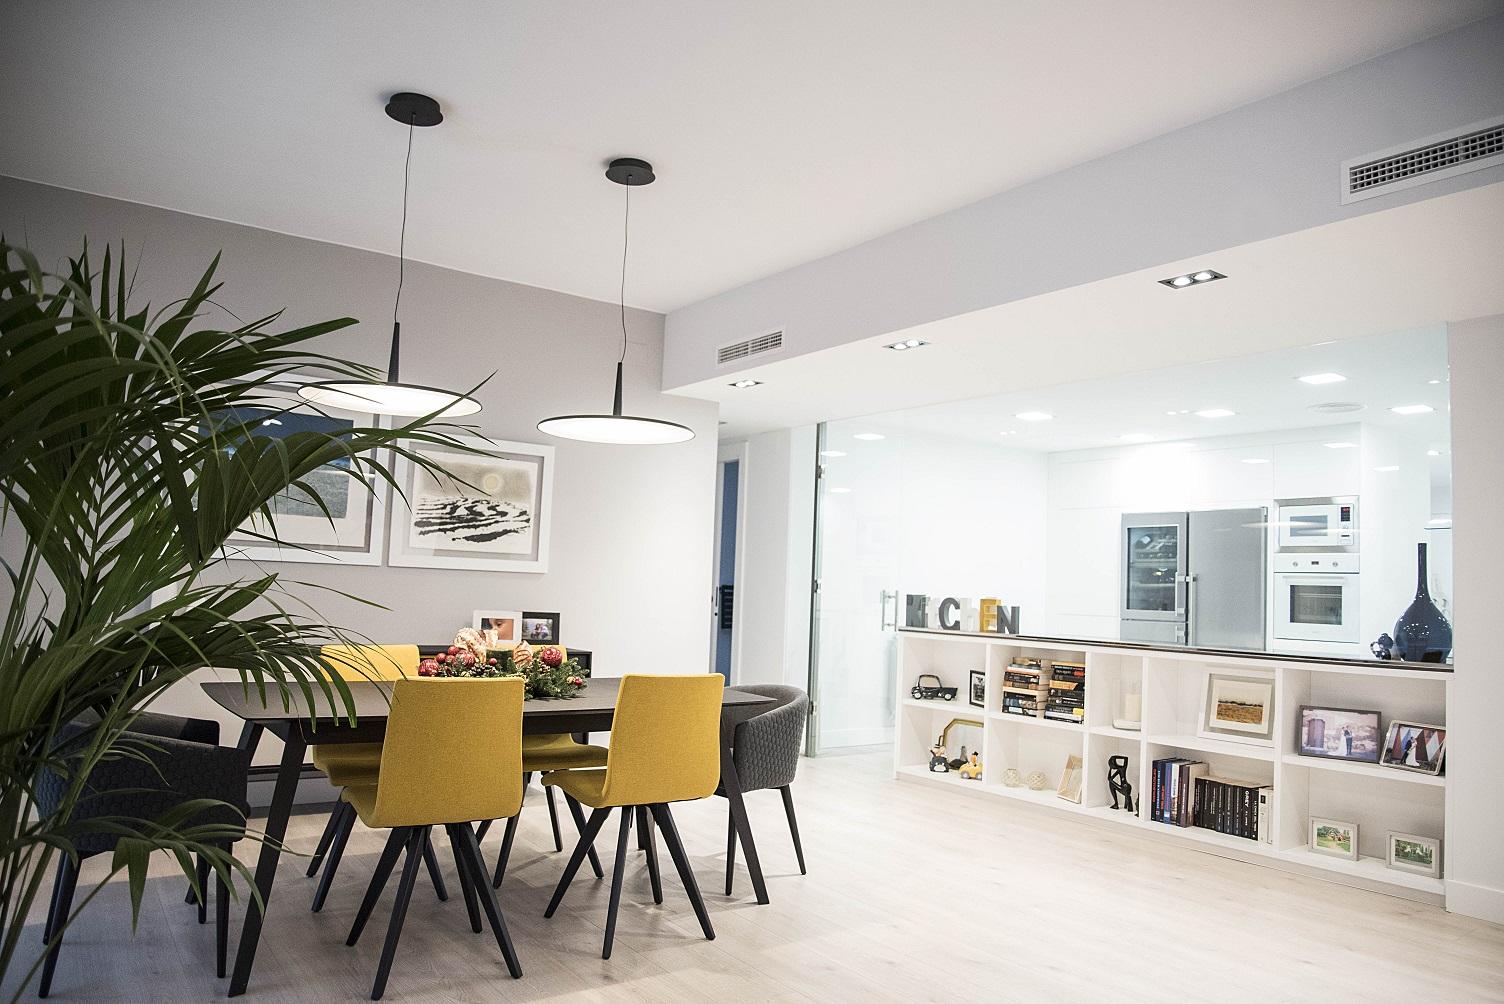 comedor-con-cocina-acristalada-vivienda-diseño-zaragoza